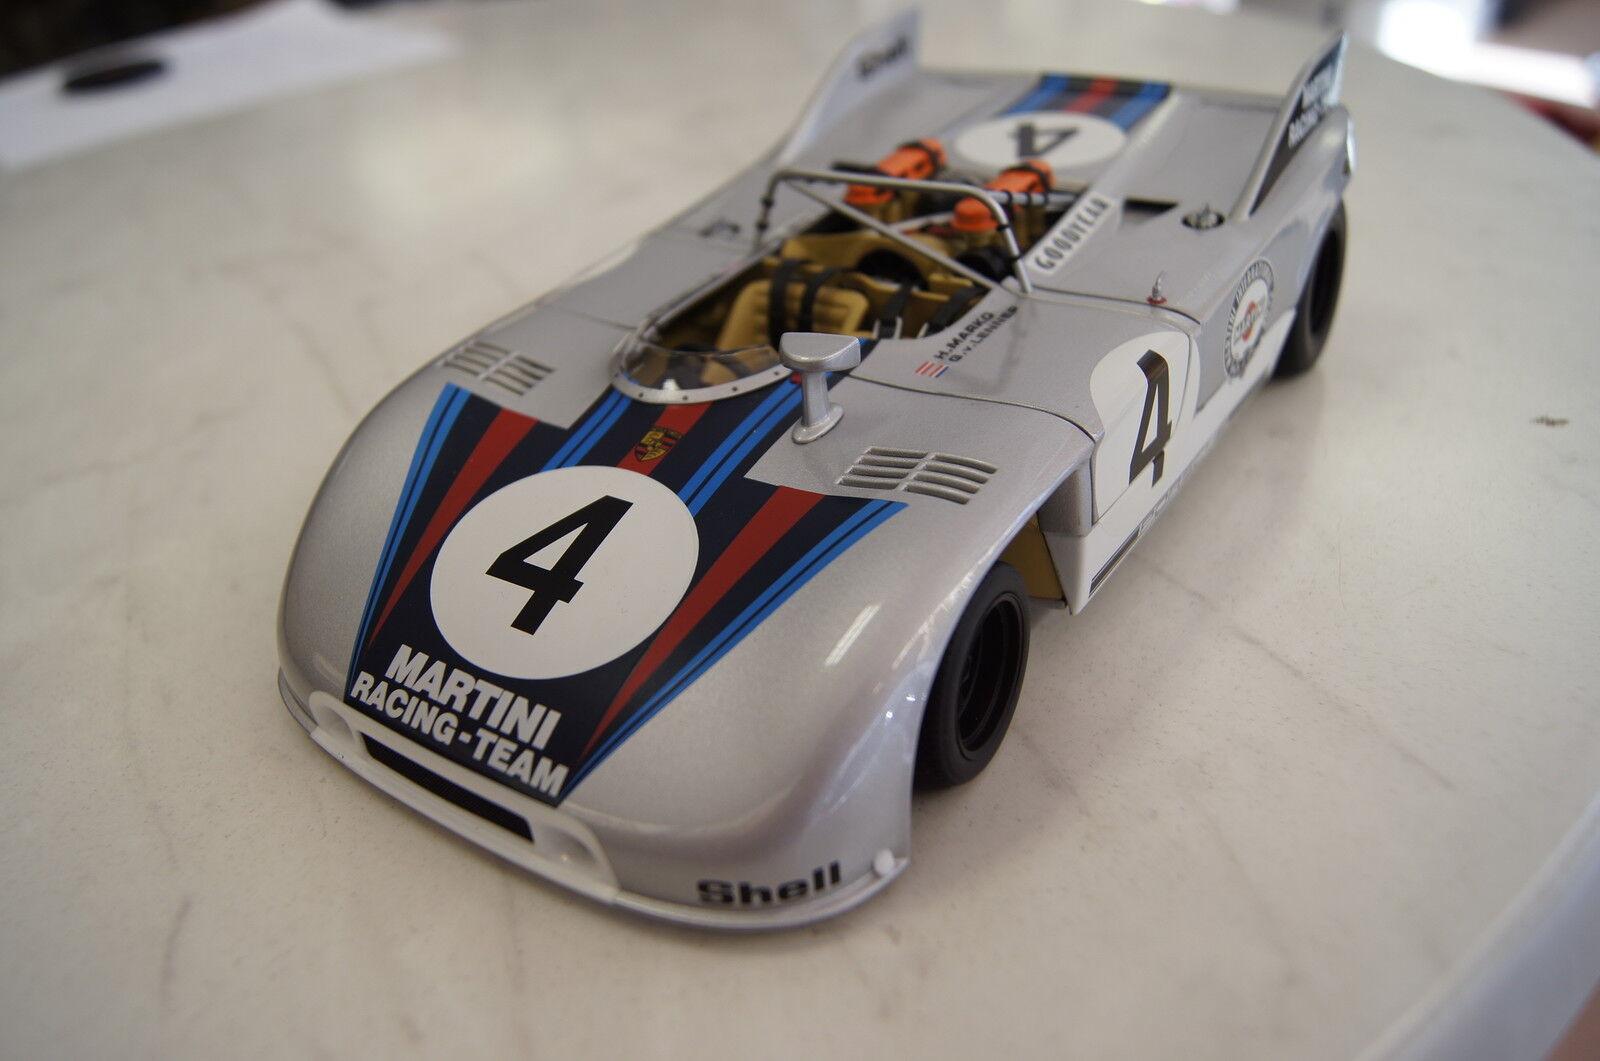 confortevole PORSCHE PORSCHE PORSCHE 908 3  Martini   4 NURBURGRING 1971 1 18 Autoart NUOVO & OVP  spedizione e scambi gratuiti.